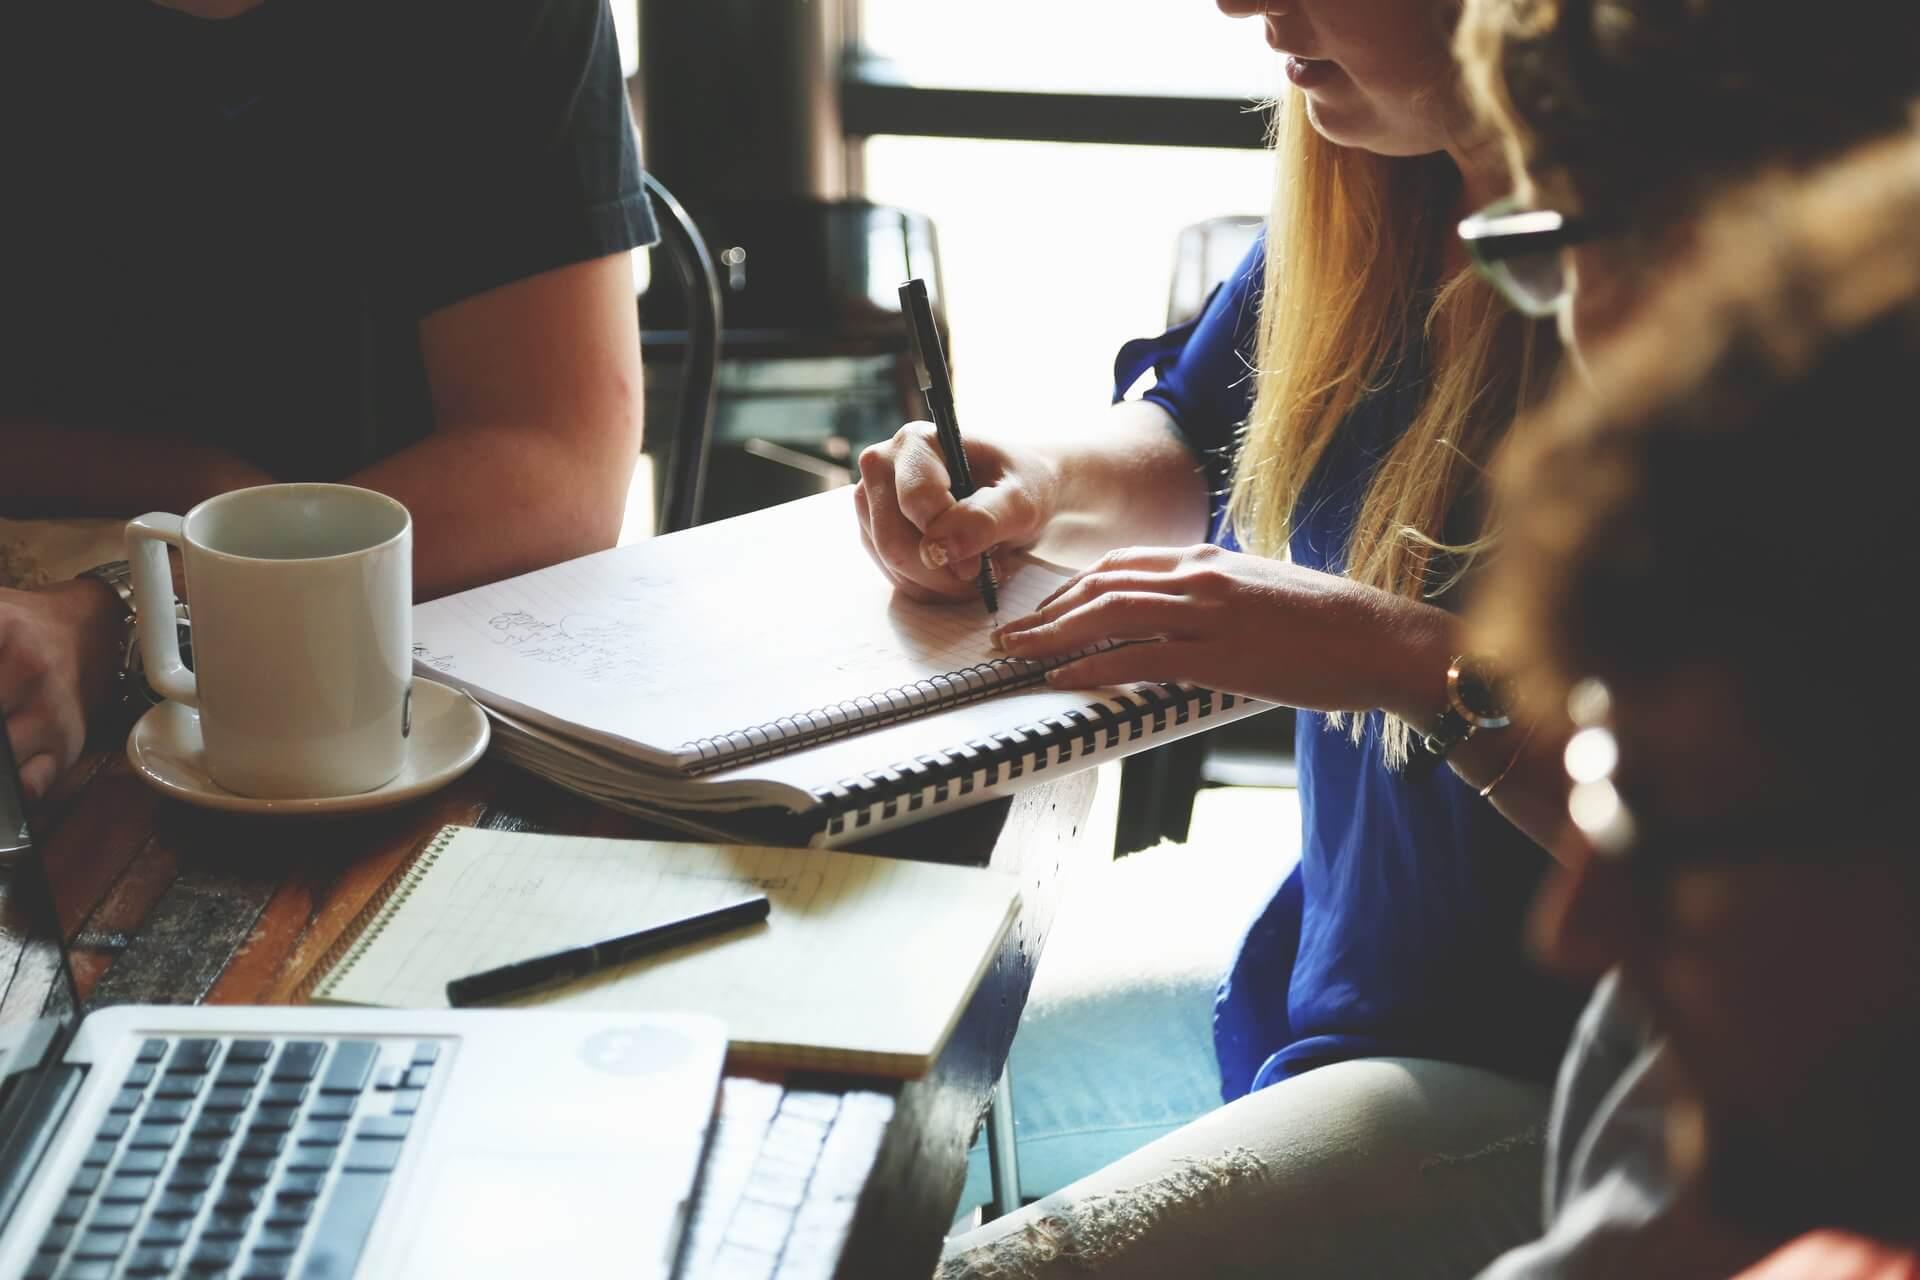 Eine genaue Planung erhöht die Erfolgswahrscheinlichkeit massiv